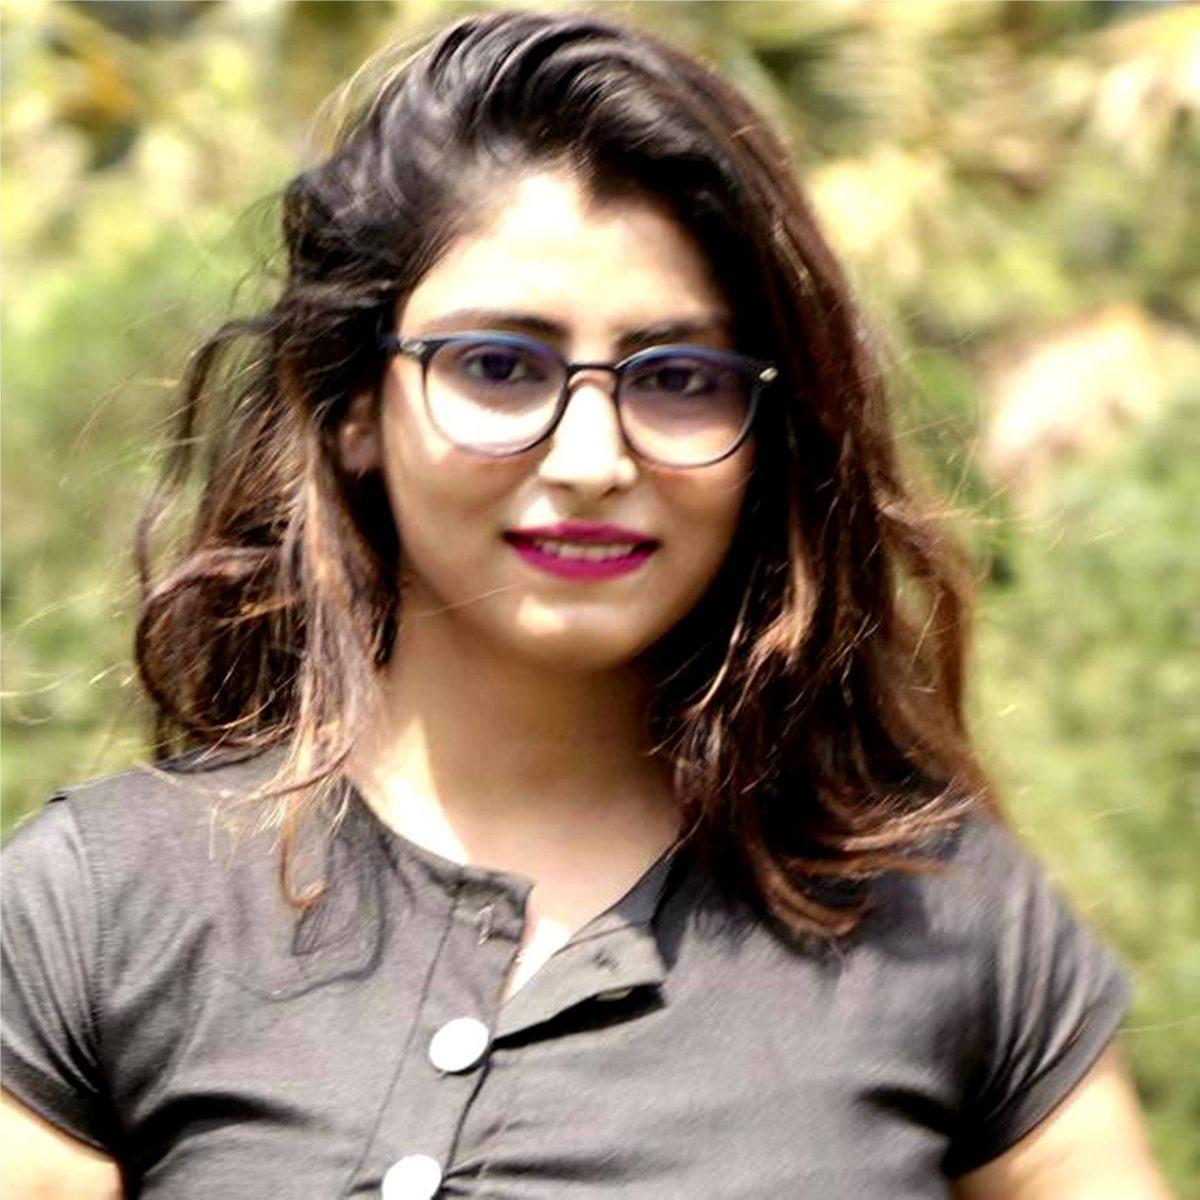 नाजिया गुल की निर्देशित शॉर्ट फिल्म 'बेटी' ने 9 वें जागरण फिल्म फेस्टिवल में सराहना पायी